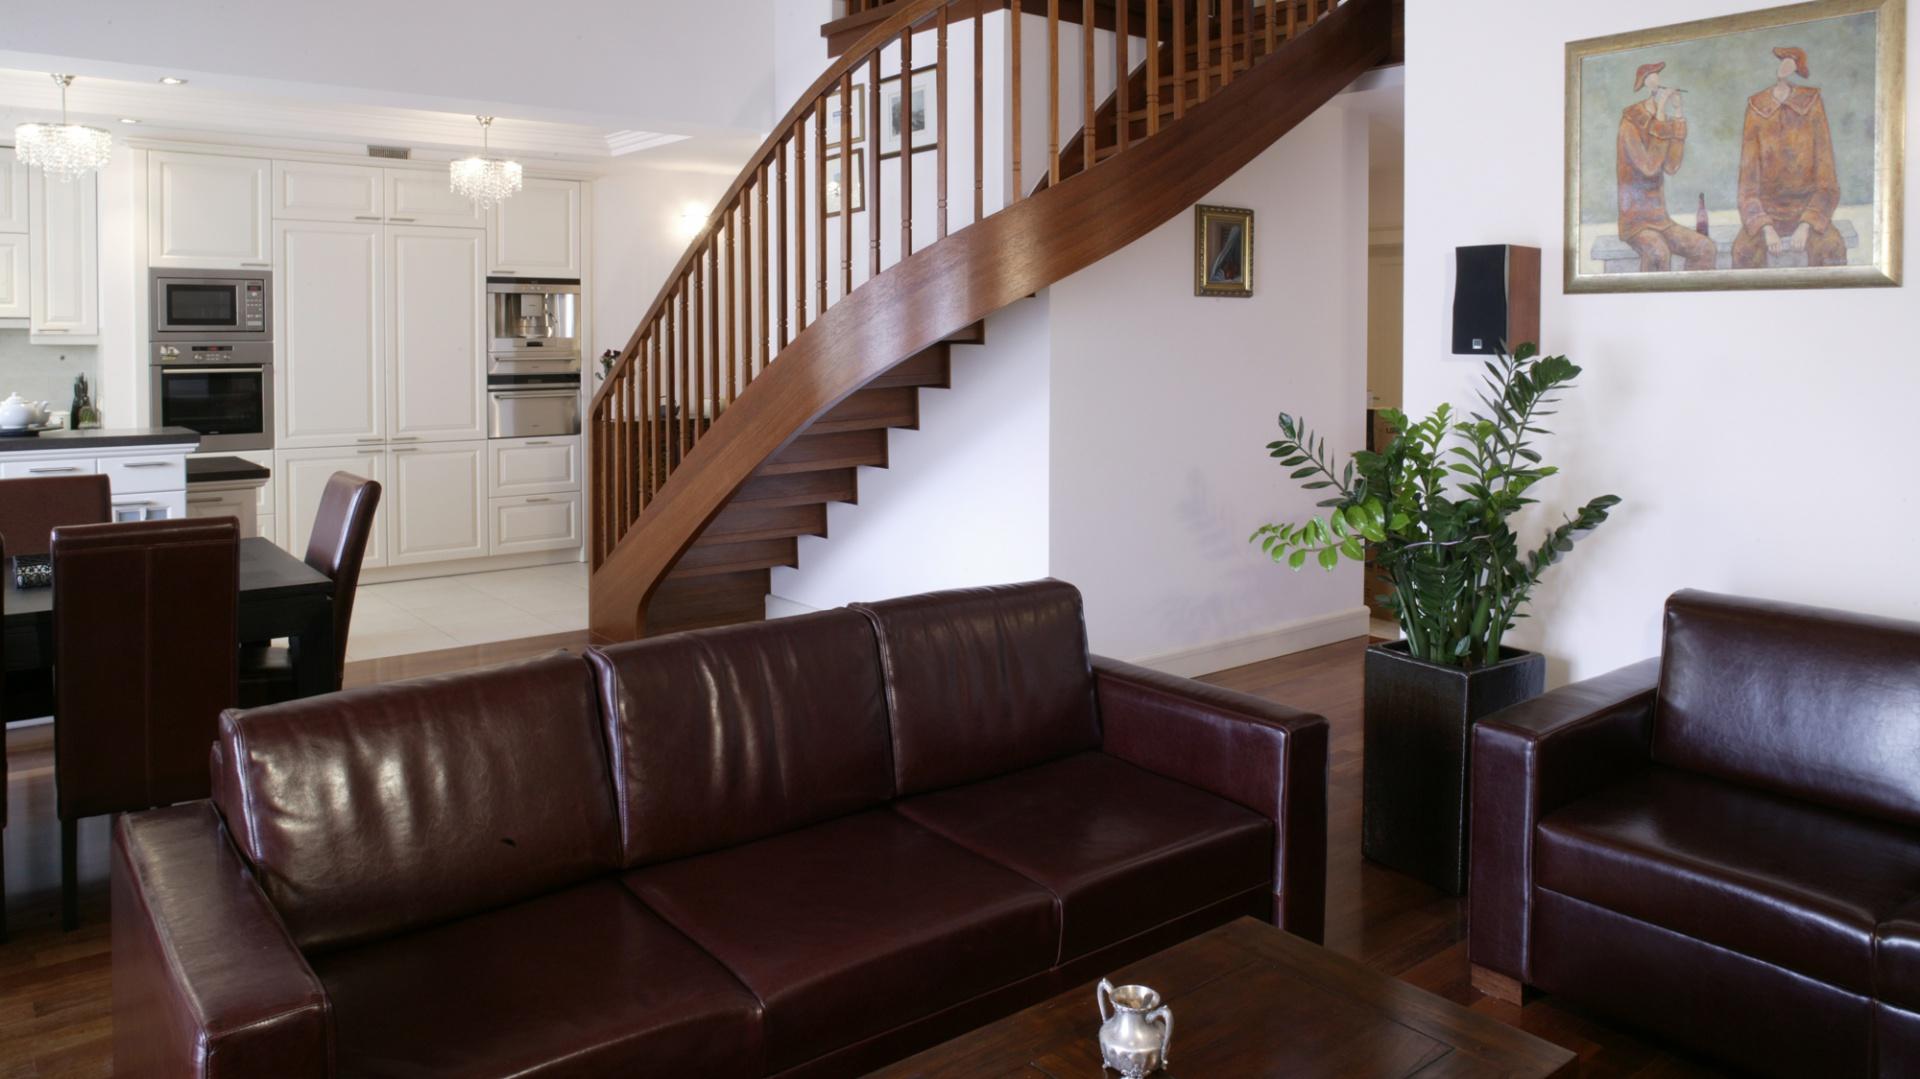 W kuchni, w odróżnieniu od jadalni i salonu, dominują jasne barwy. Wiodące na antresolę schody zostały wykonane na zamówienie z drewna merbau. Fot. Monika Filipiuk.